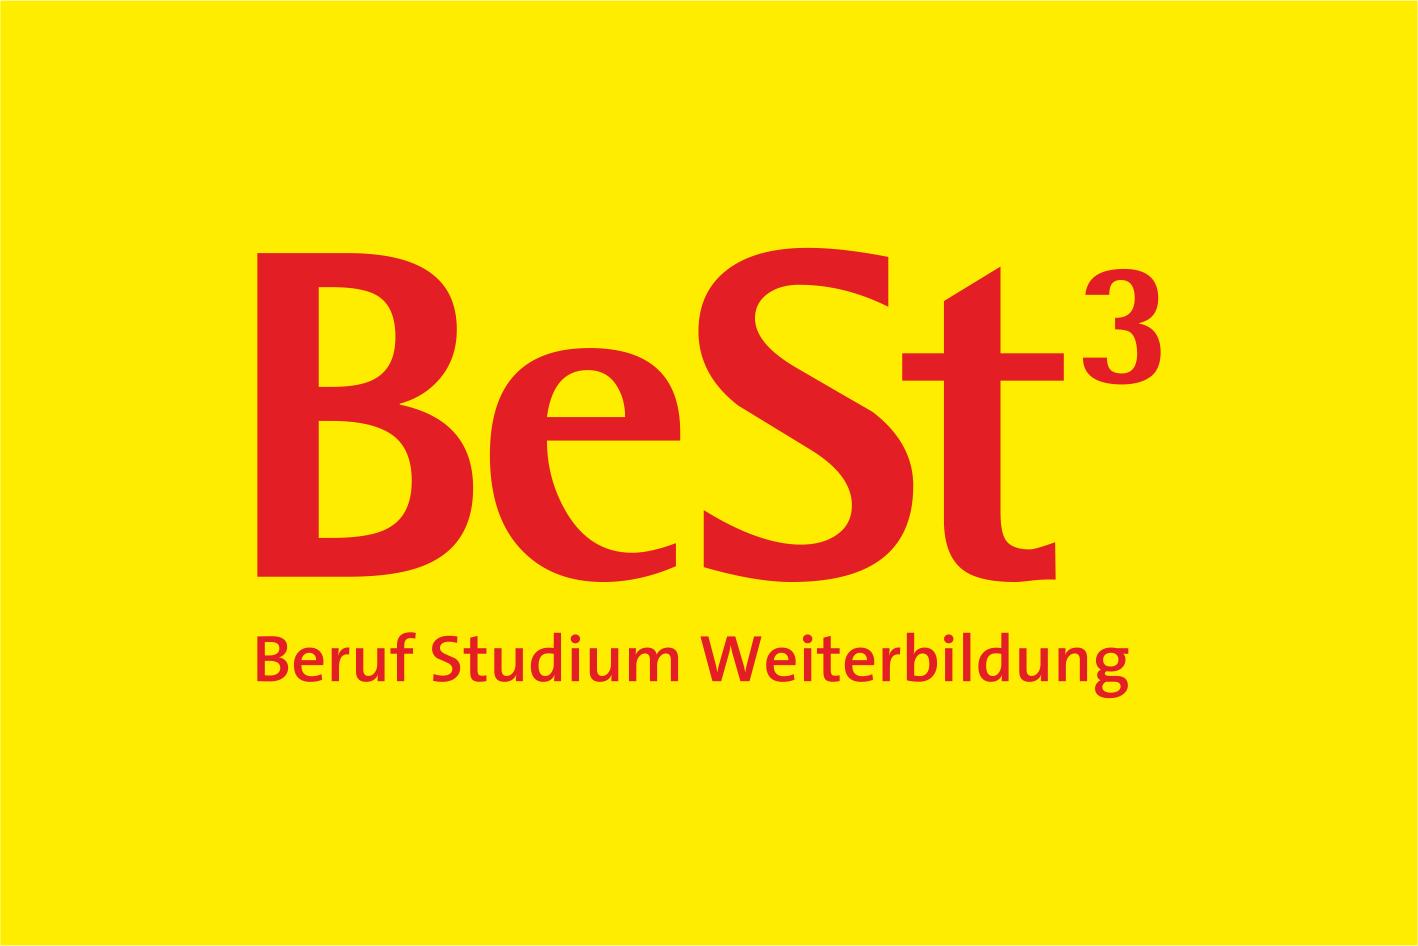 BeSt³ – Die Messe für Beruf, Studium und Weiterbildung